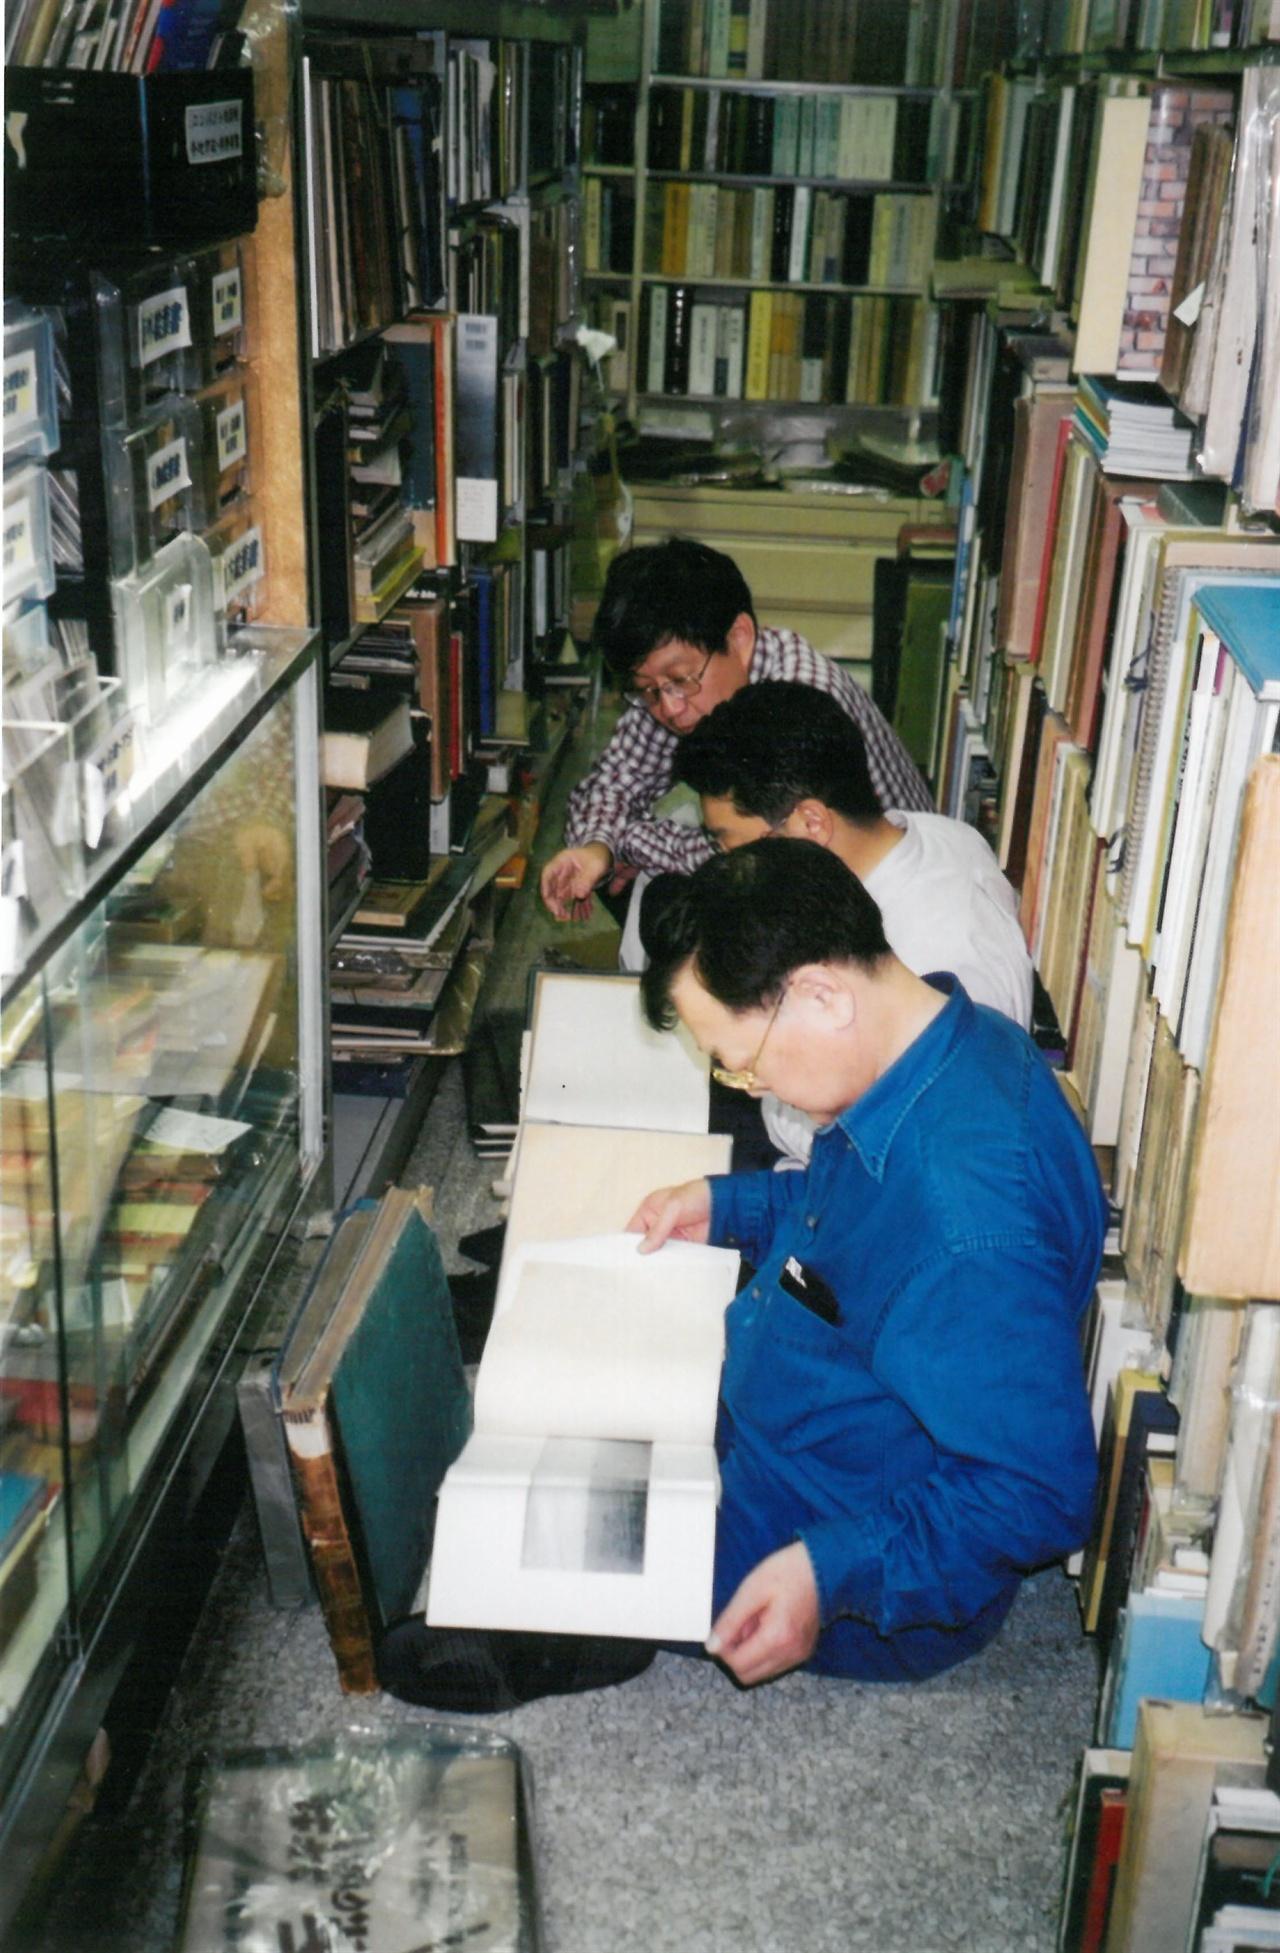 일본 고서점에서 한국 독도 관련 자료를 찾고 있는 3인의 한국인 학자(맨 앞에서부터 백충현 서울대 교수, 김덕주 국립외교원 교수, 이태진 서울대 교수).